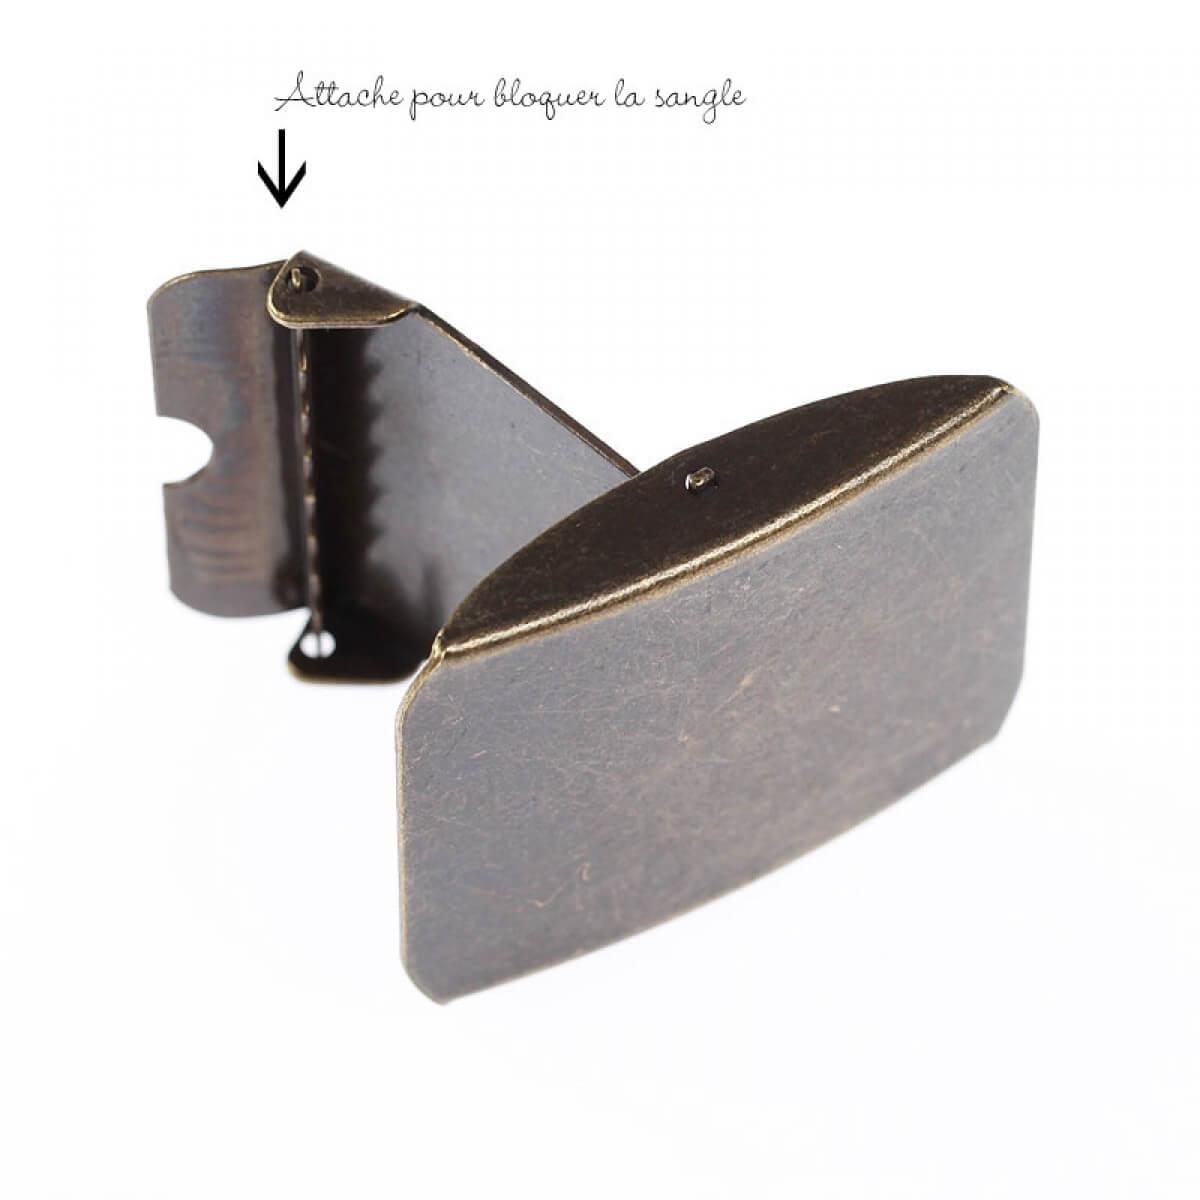 Boucle ceinture 40mm - Laiton antique - Mercerie Caréfil a3482a5ce79